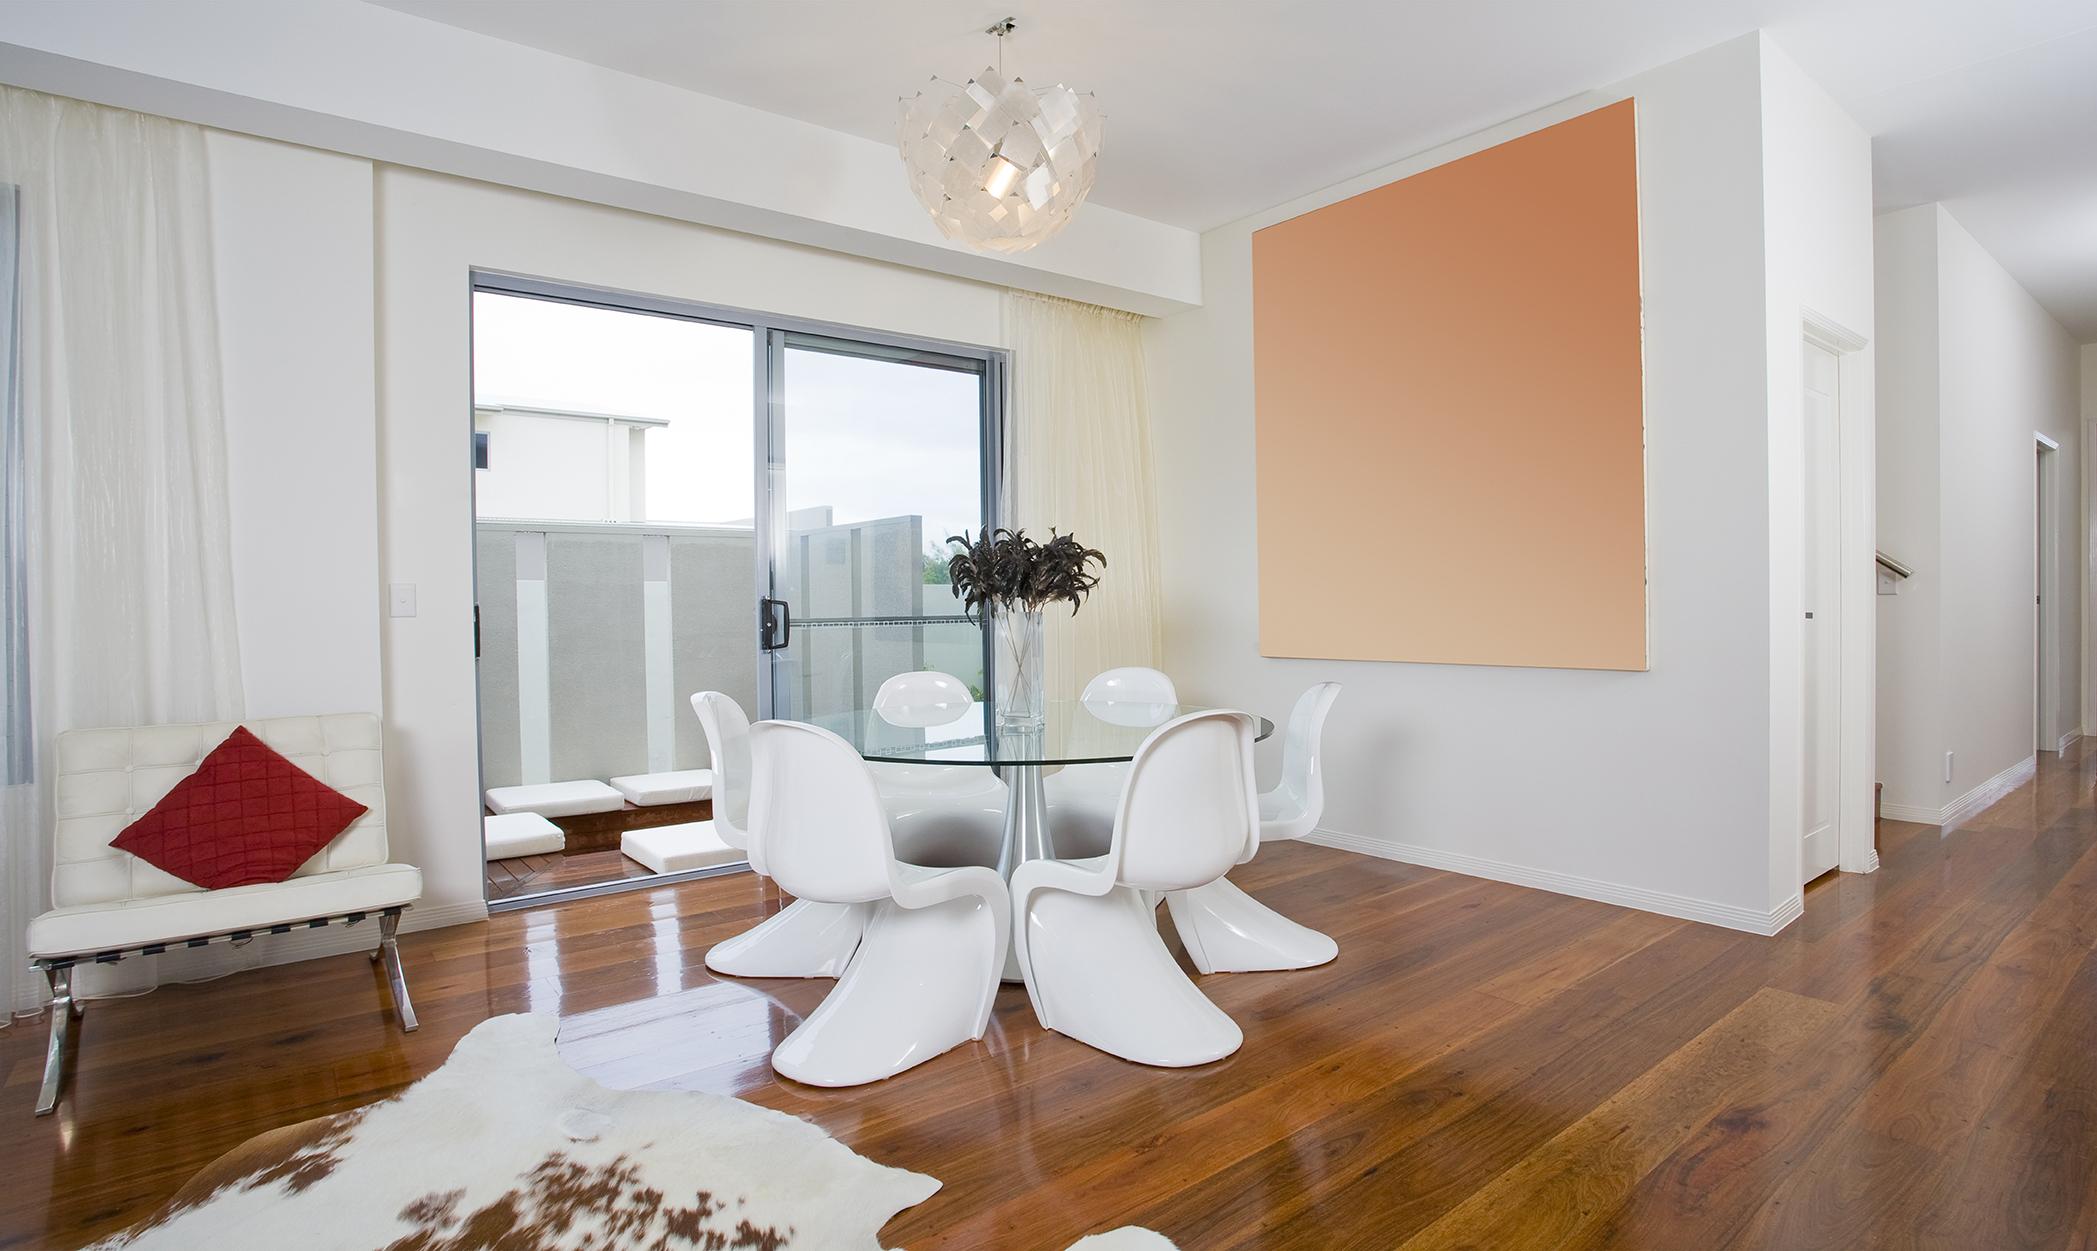 Tende per il soggiorno tende per la casa ultime tendenze for Tende per la casa ultime tendenze